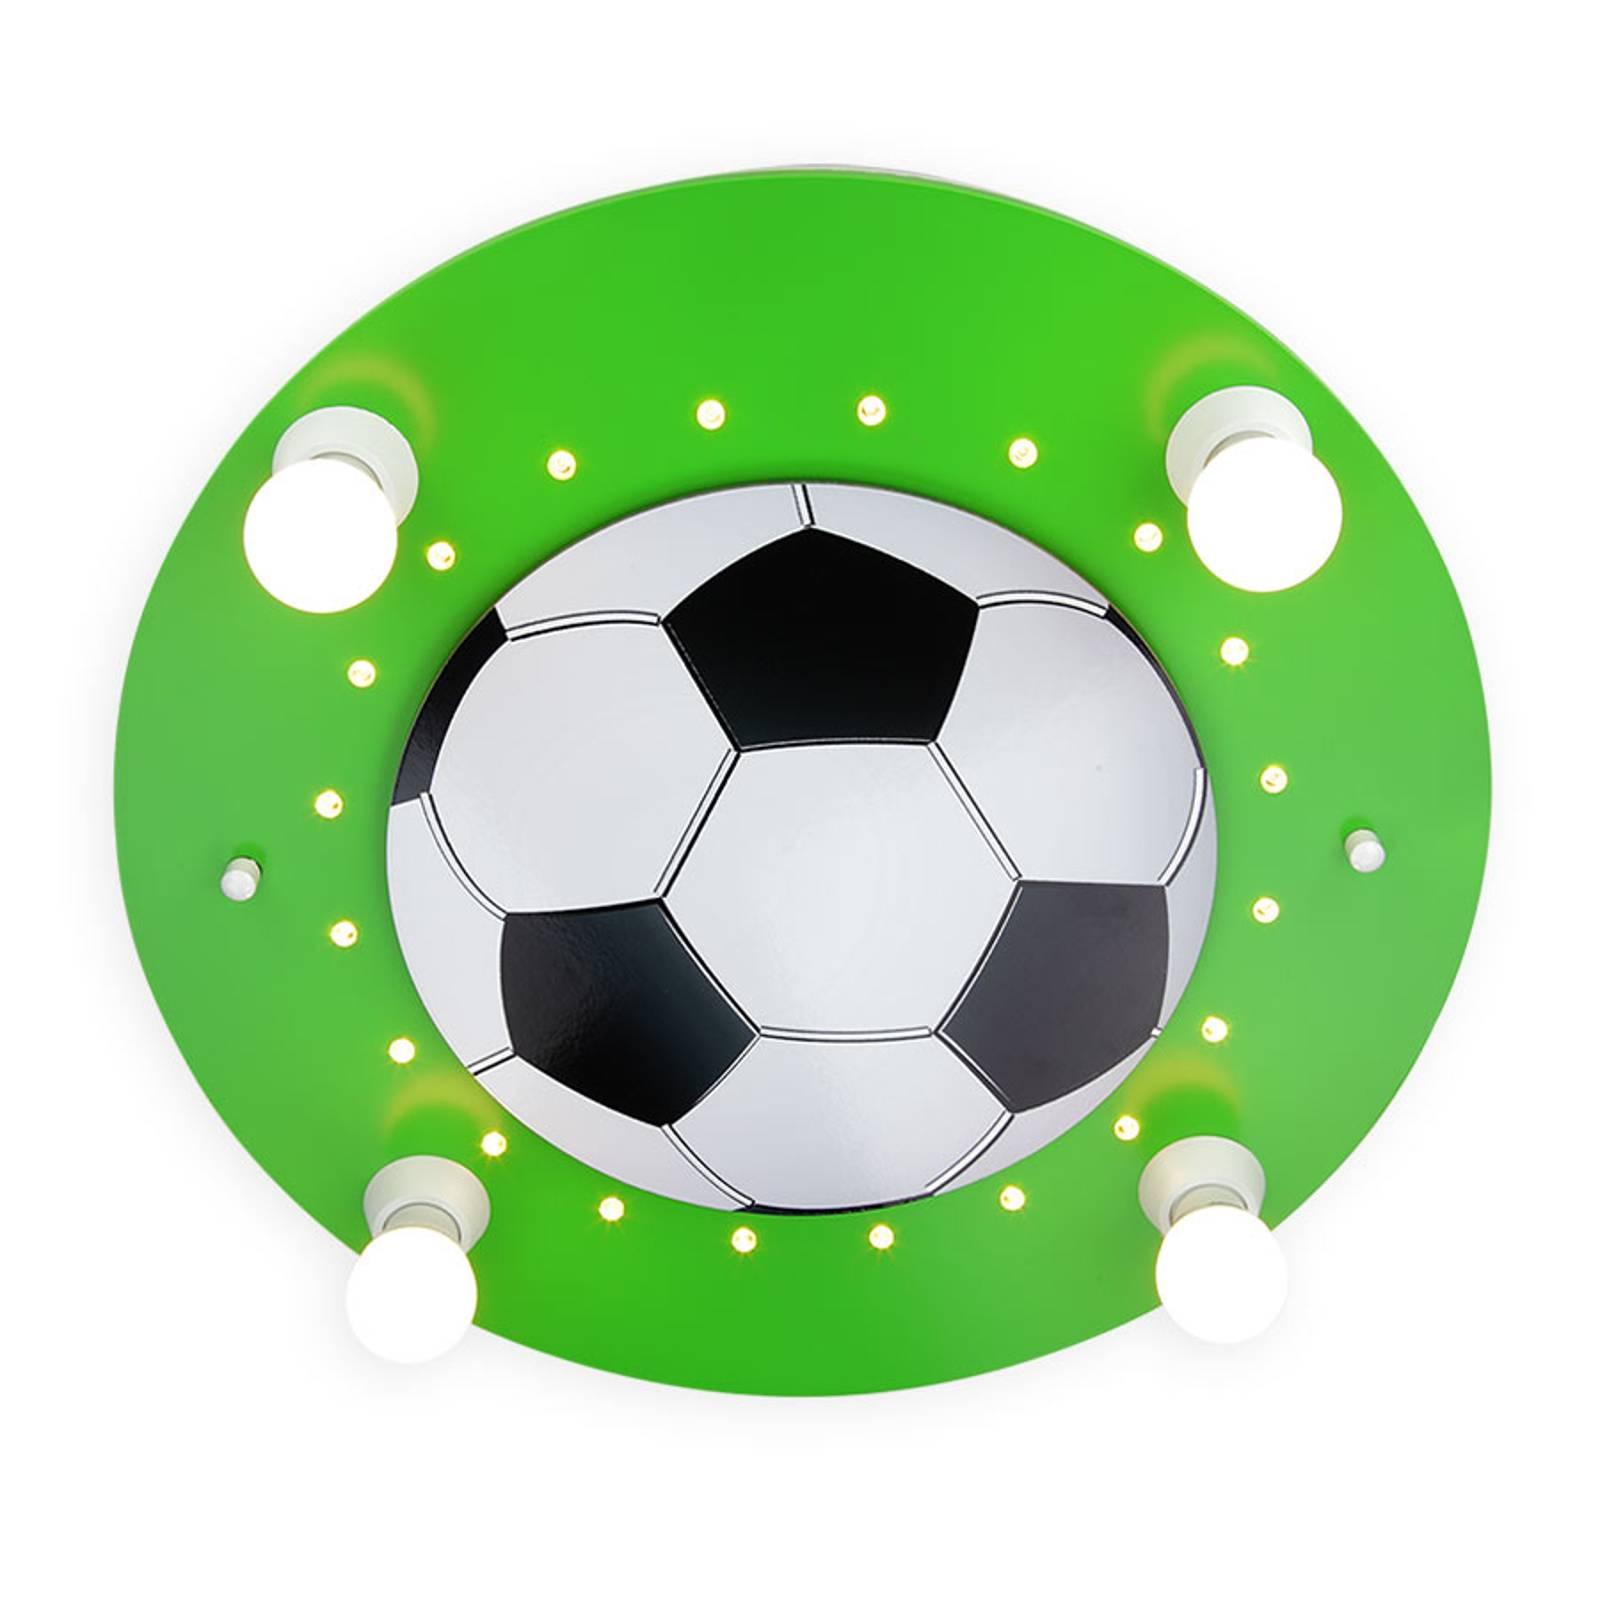 Deckenleuchte Fußball, vierflammig dunkelgrün-weiß